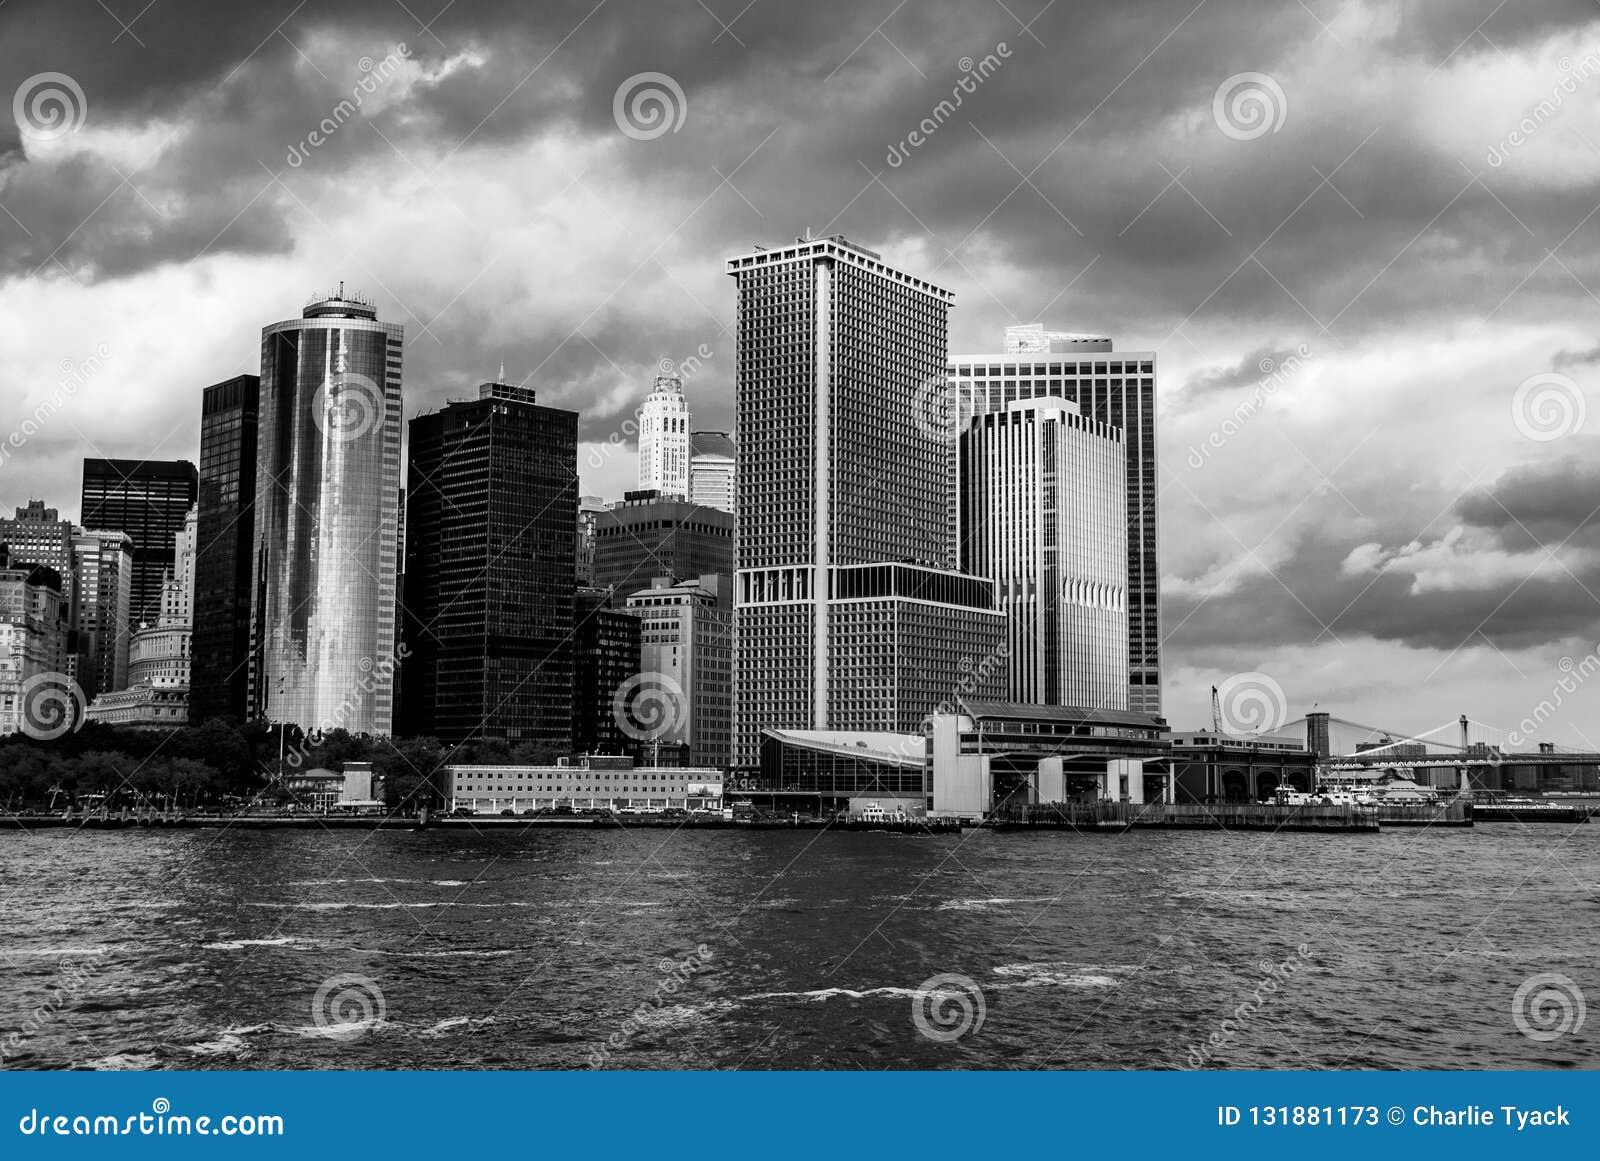 Manhattan como visto de Staten Island Ferry - ponta do sudeste - preto e branco